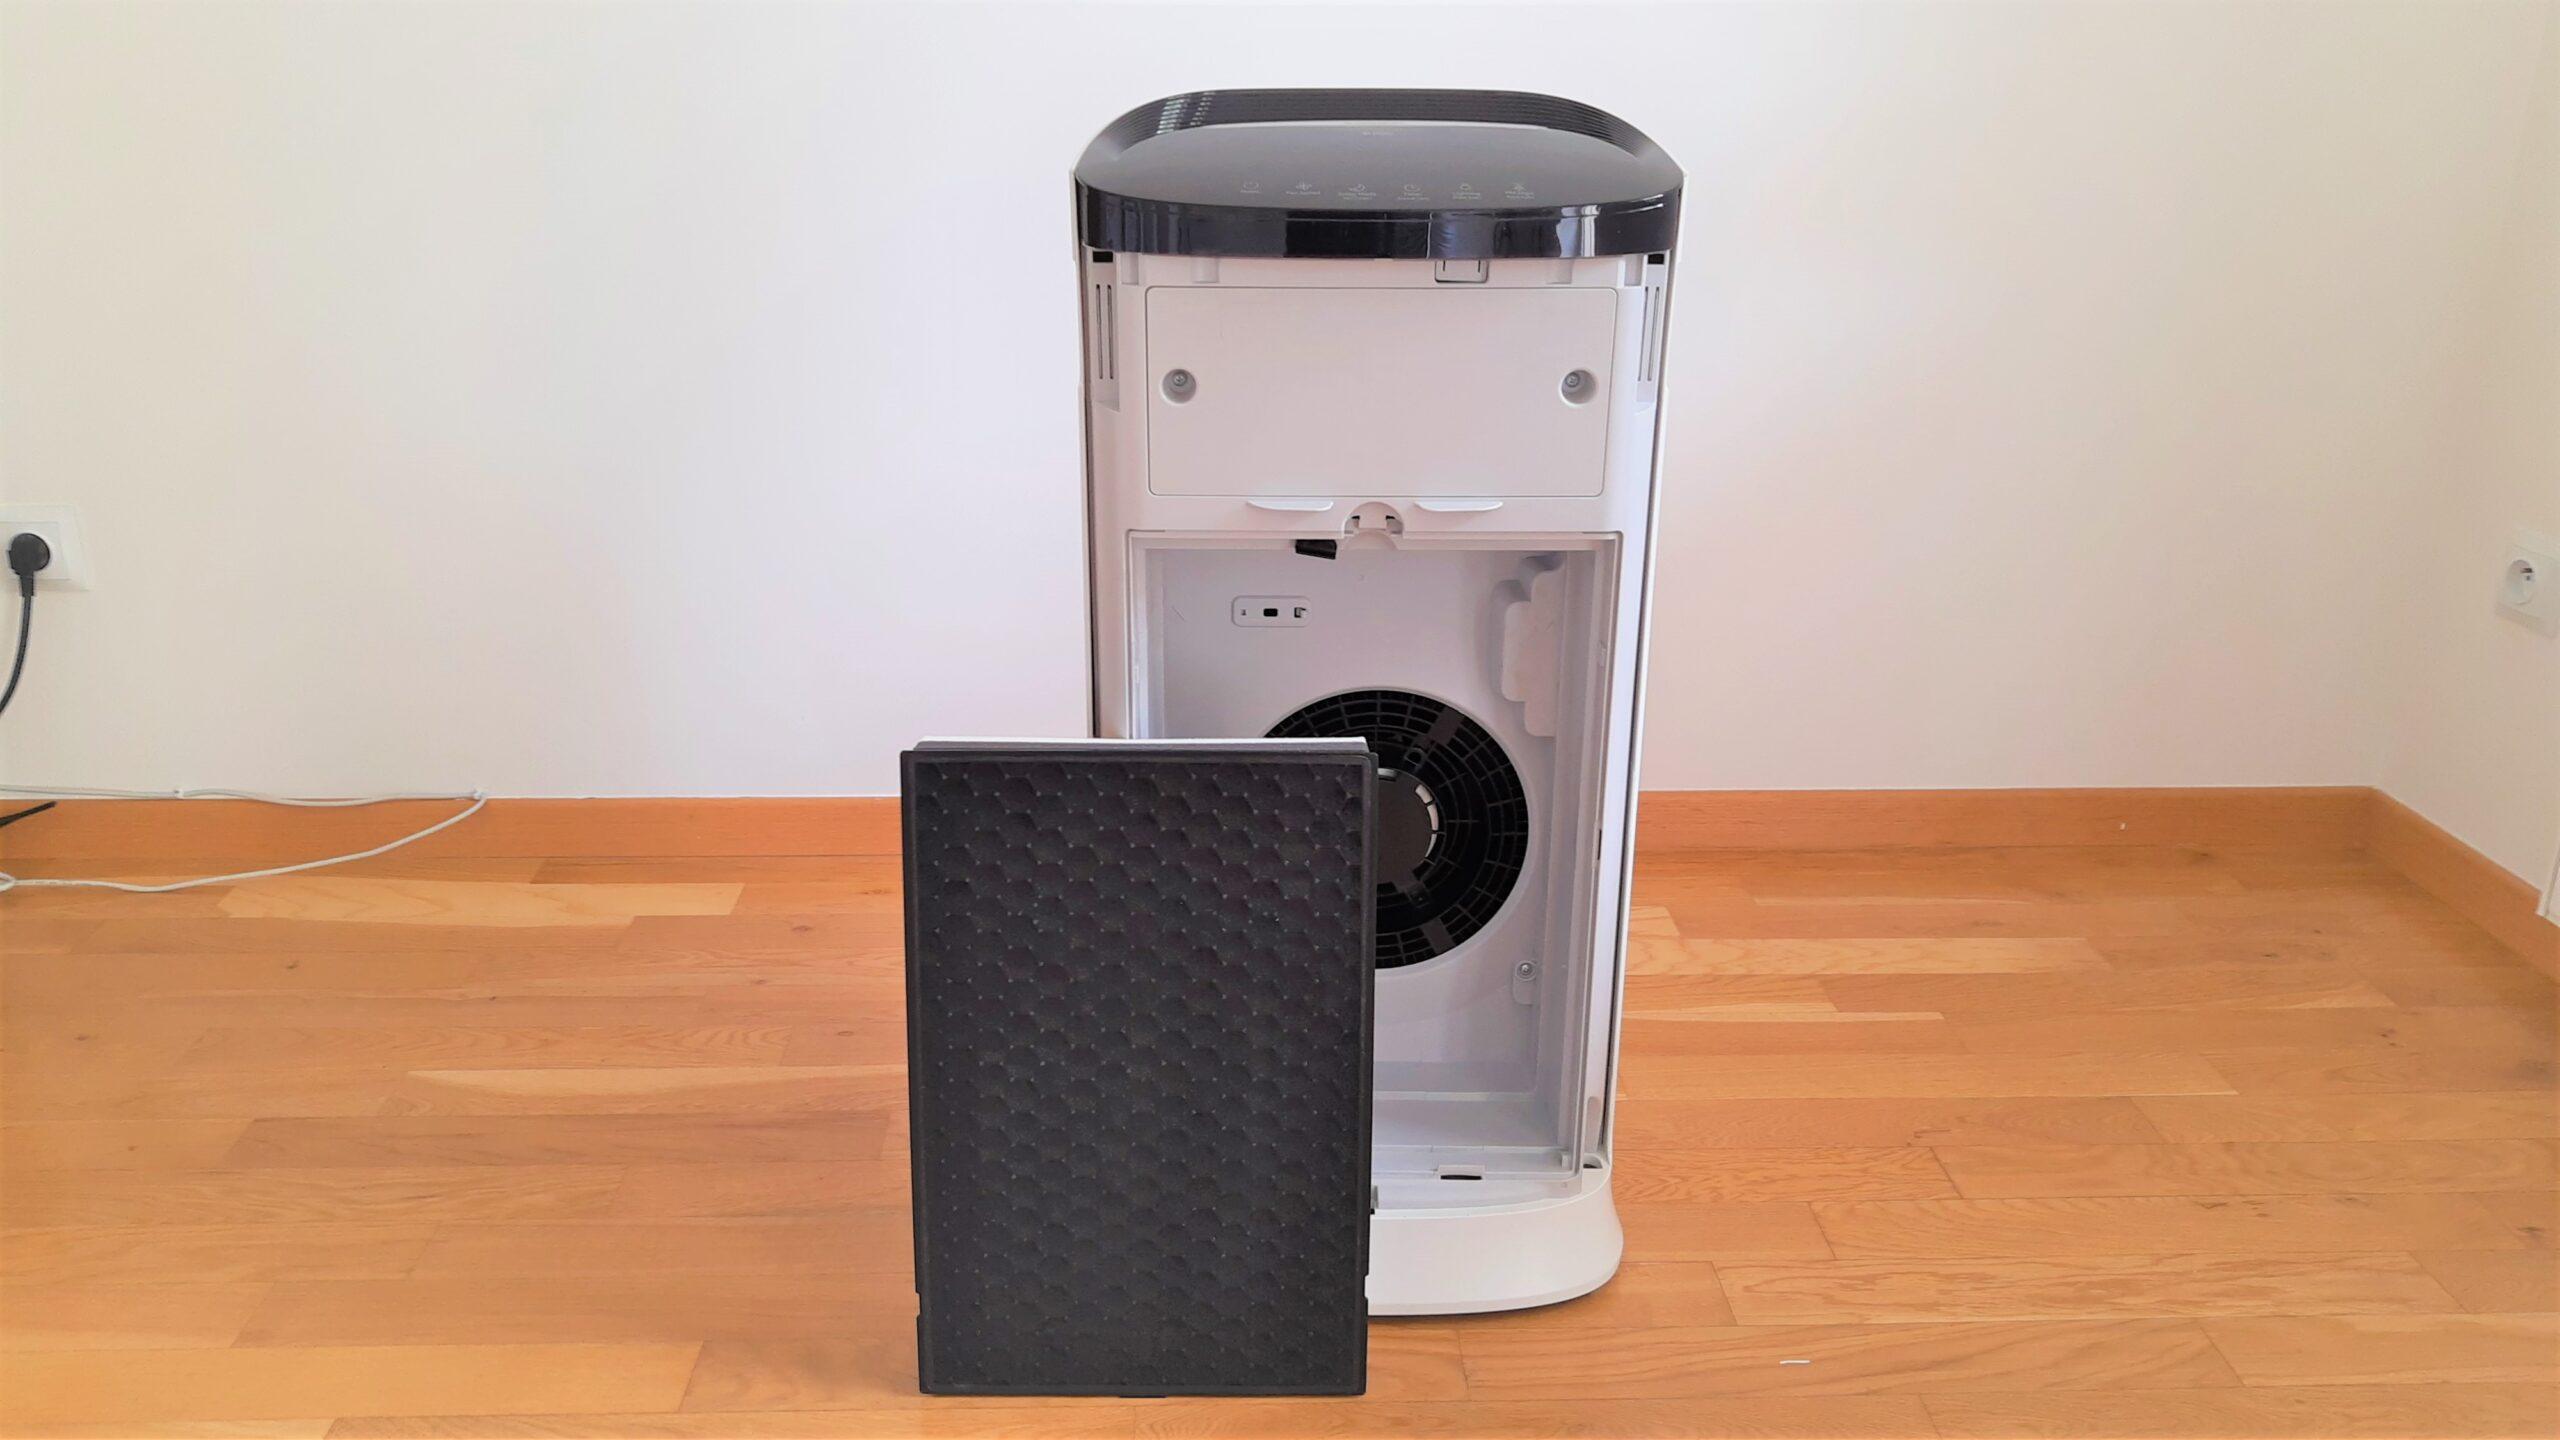 Filtry w oczyszczaczu powietrza Samsung AX60